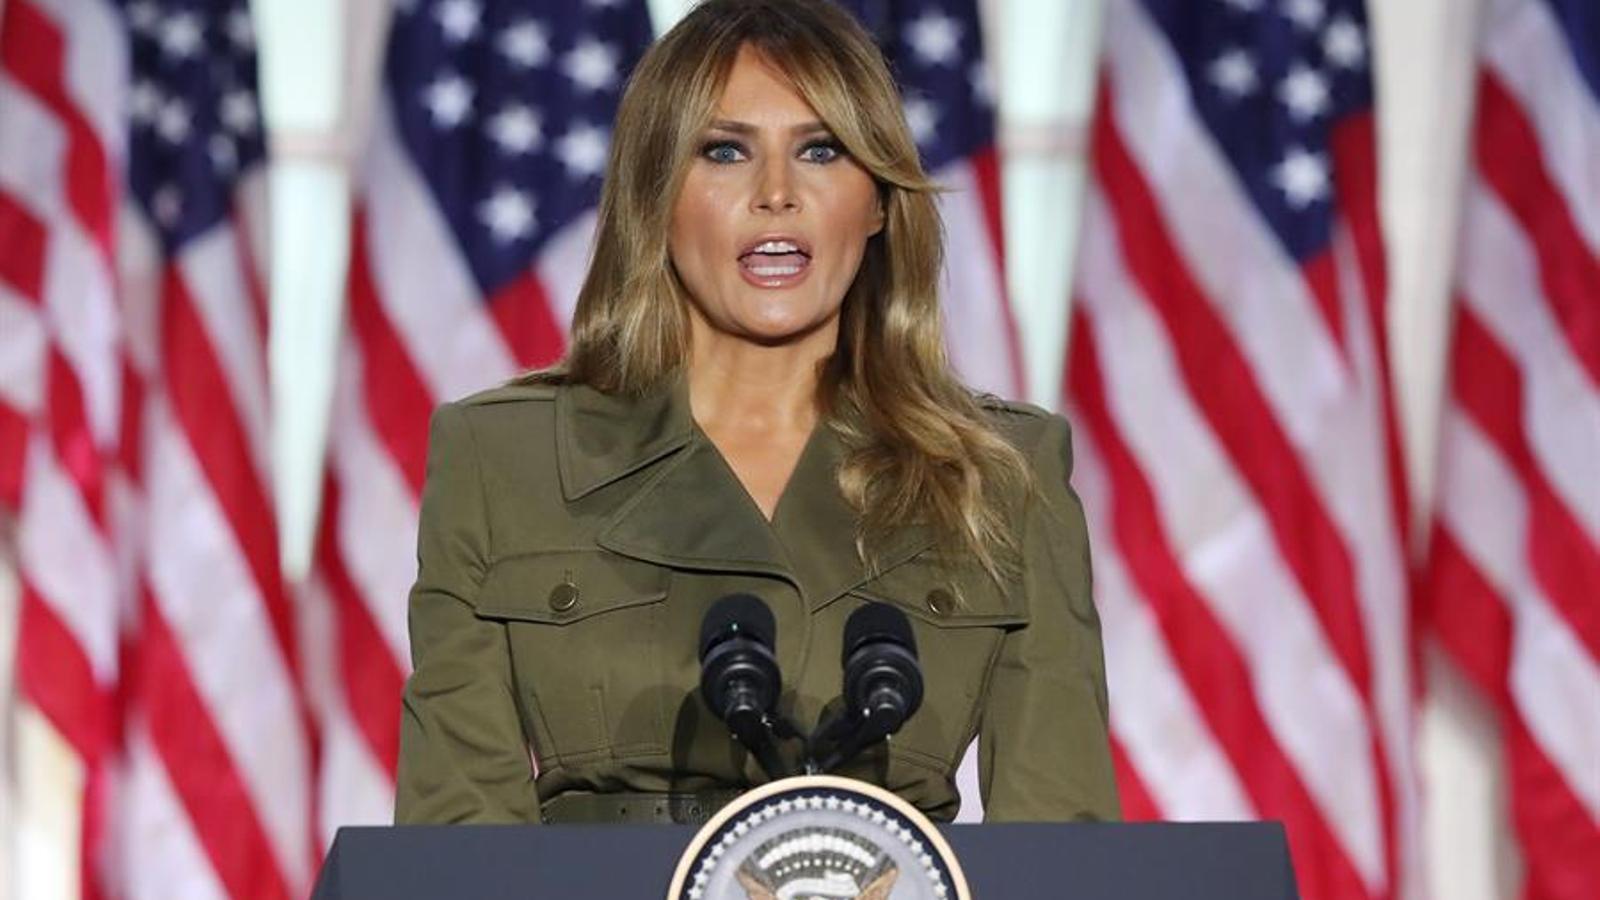 La primera dama dels Estats Units, Melania Trump, durant la seva intervenció durant la segona jornada de la convenció republicana